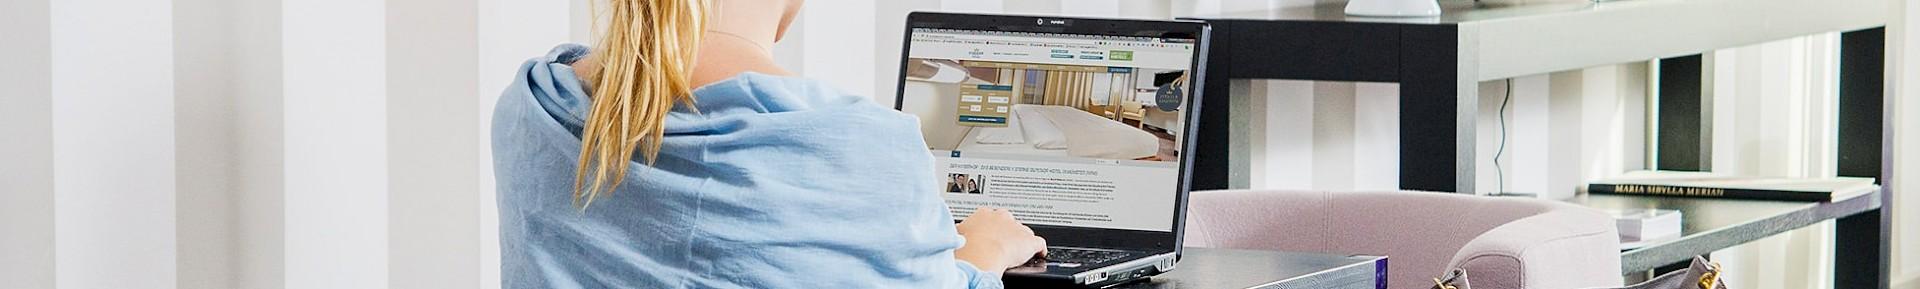 """In der Blog-Kategorie """"News aus dem Hotel"""" teilen wir wissenswertes rund um unseren Alltag"""